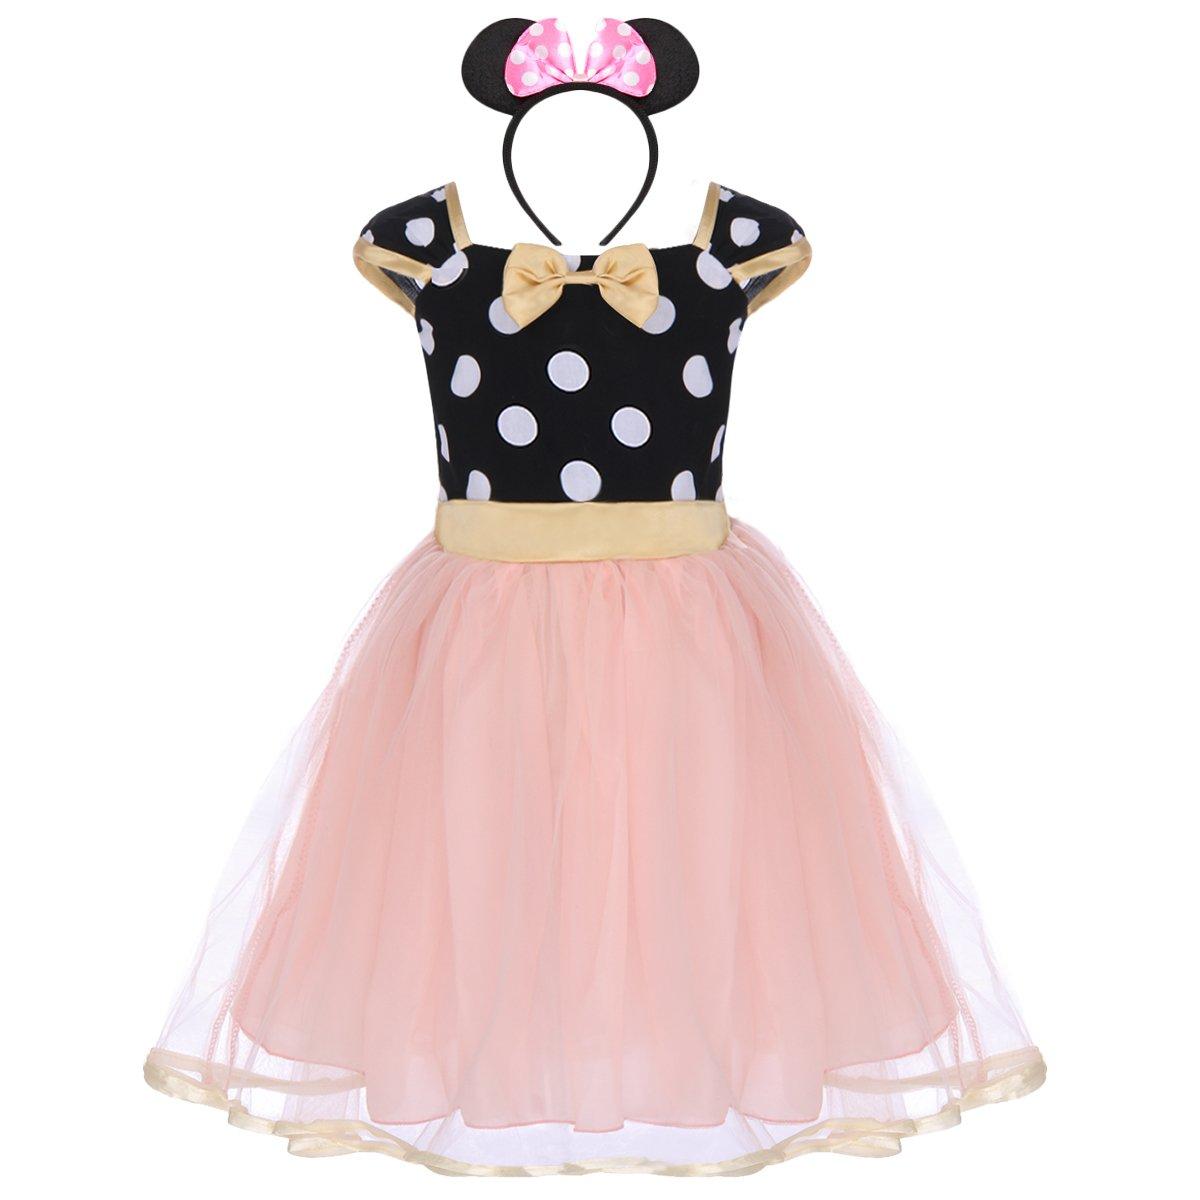 per bambina Polka Dots Tutu Principessa Abiti per Natale Festa Cerimonia Compleanno Comunione Ballerina Prom Cosplay Travestimento Ragazze Vestito Costume per Halloween o carnevale da Minnie